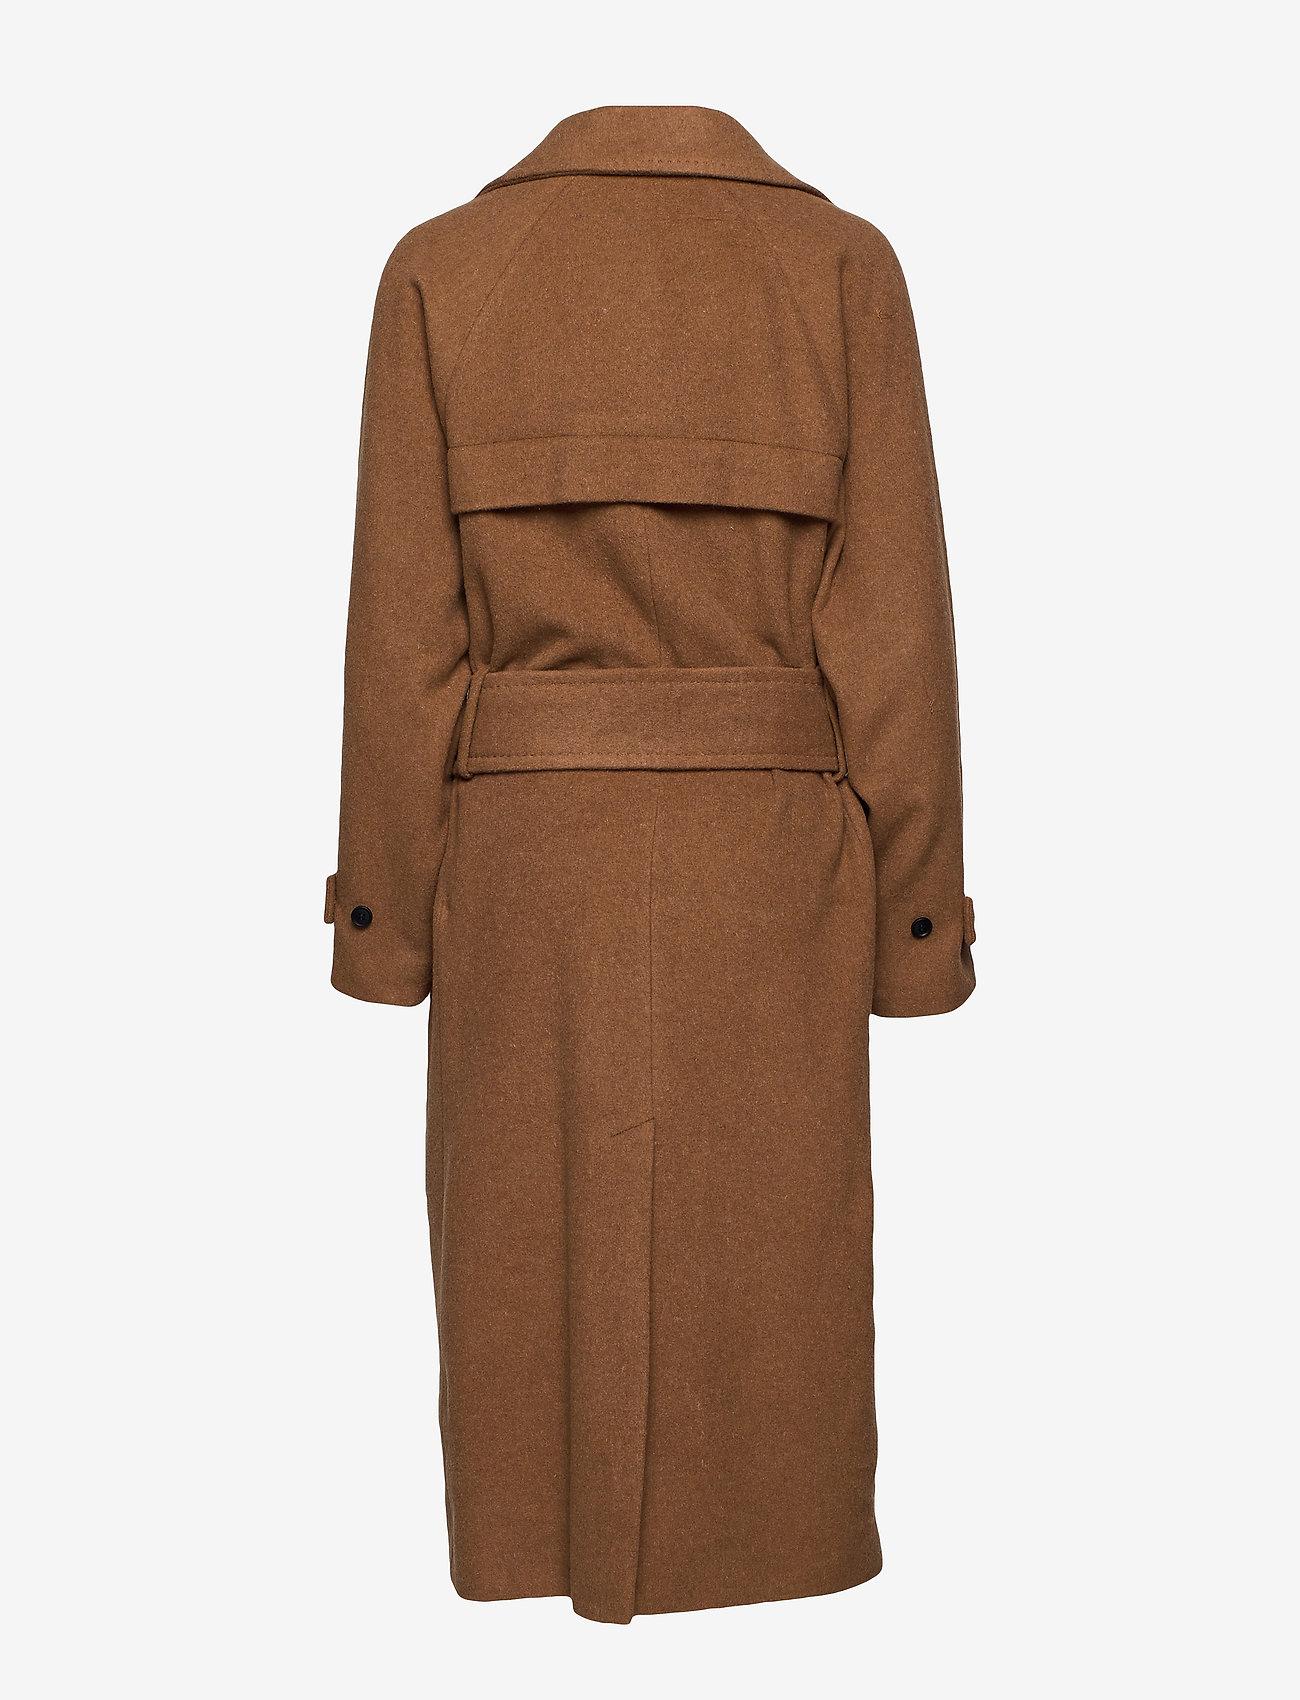 Zelieiw Raglan Coat (Caramel) (1980 kr) - InWear